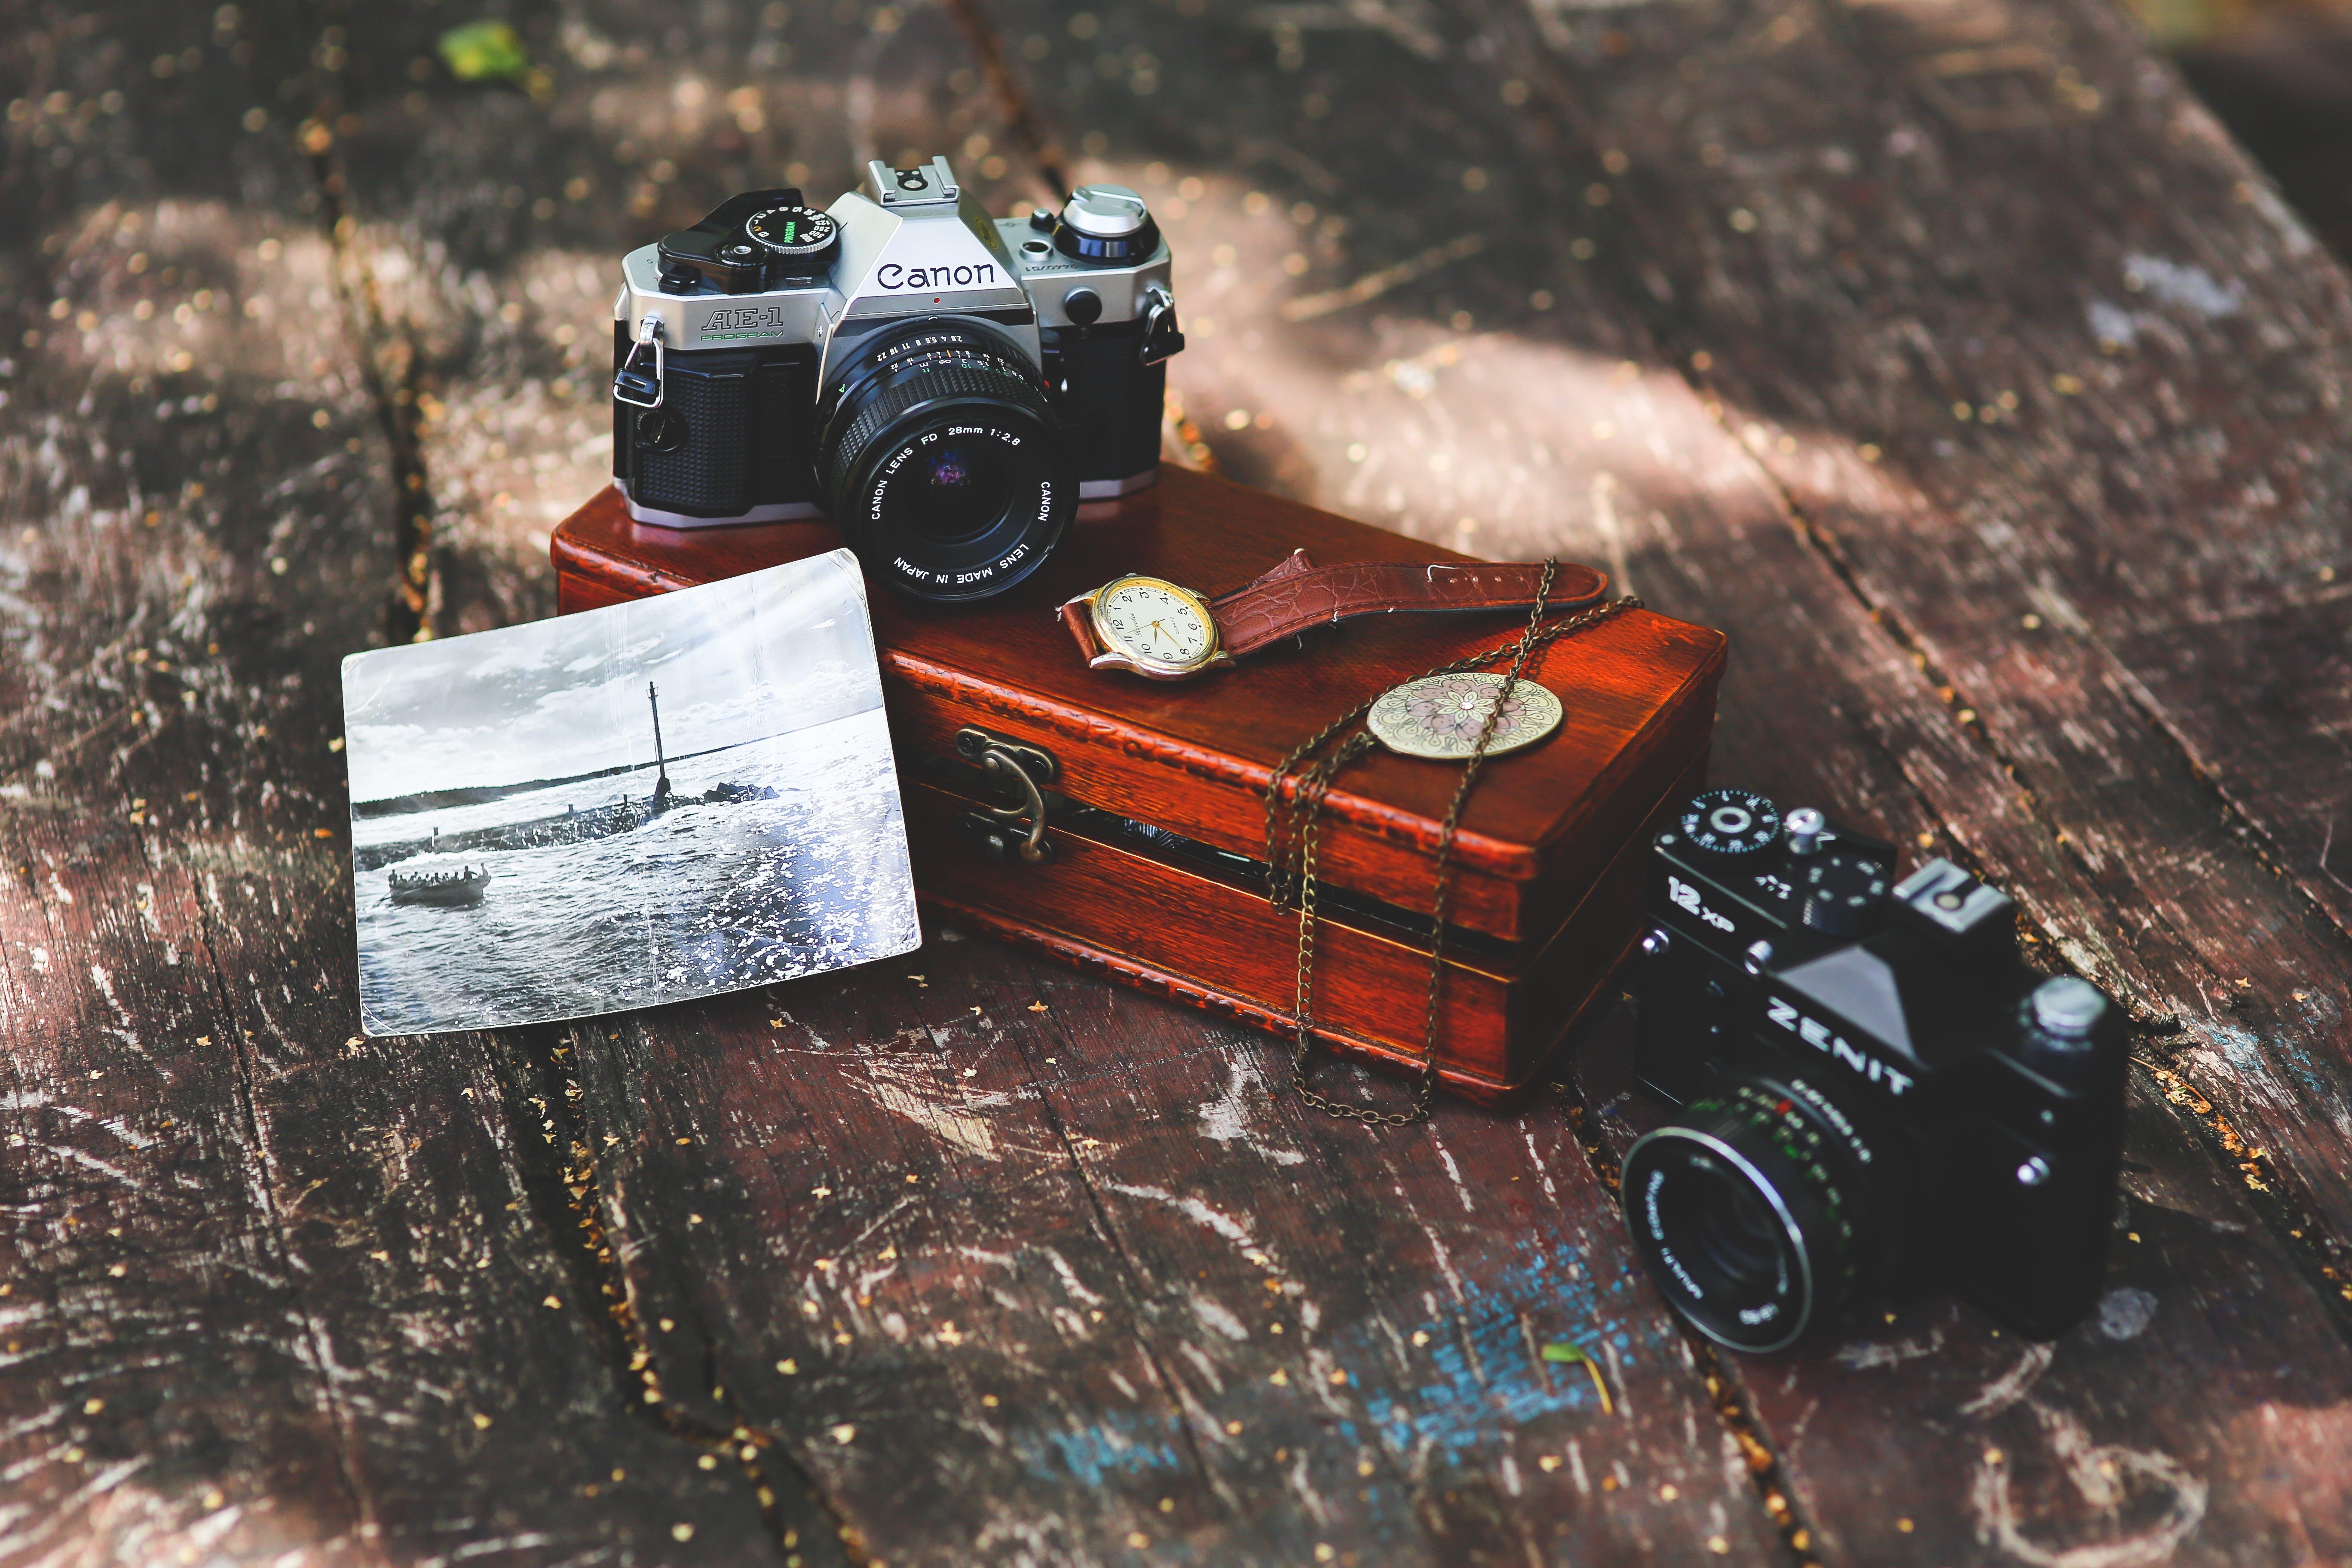 zu canon, foto, fotografie, kamera